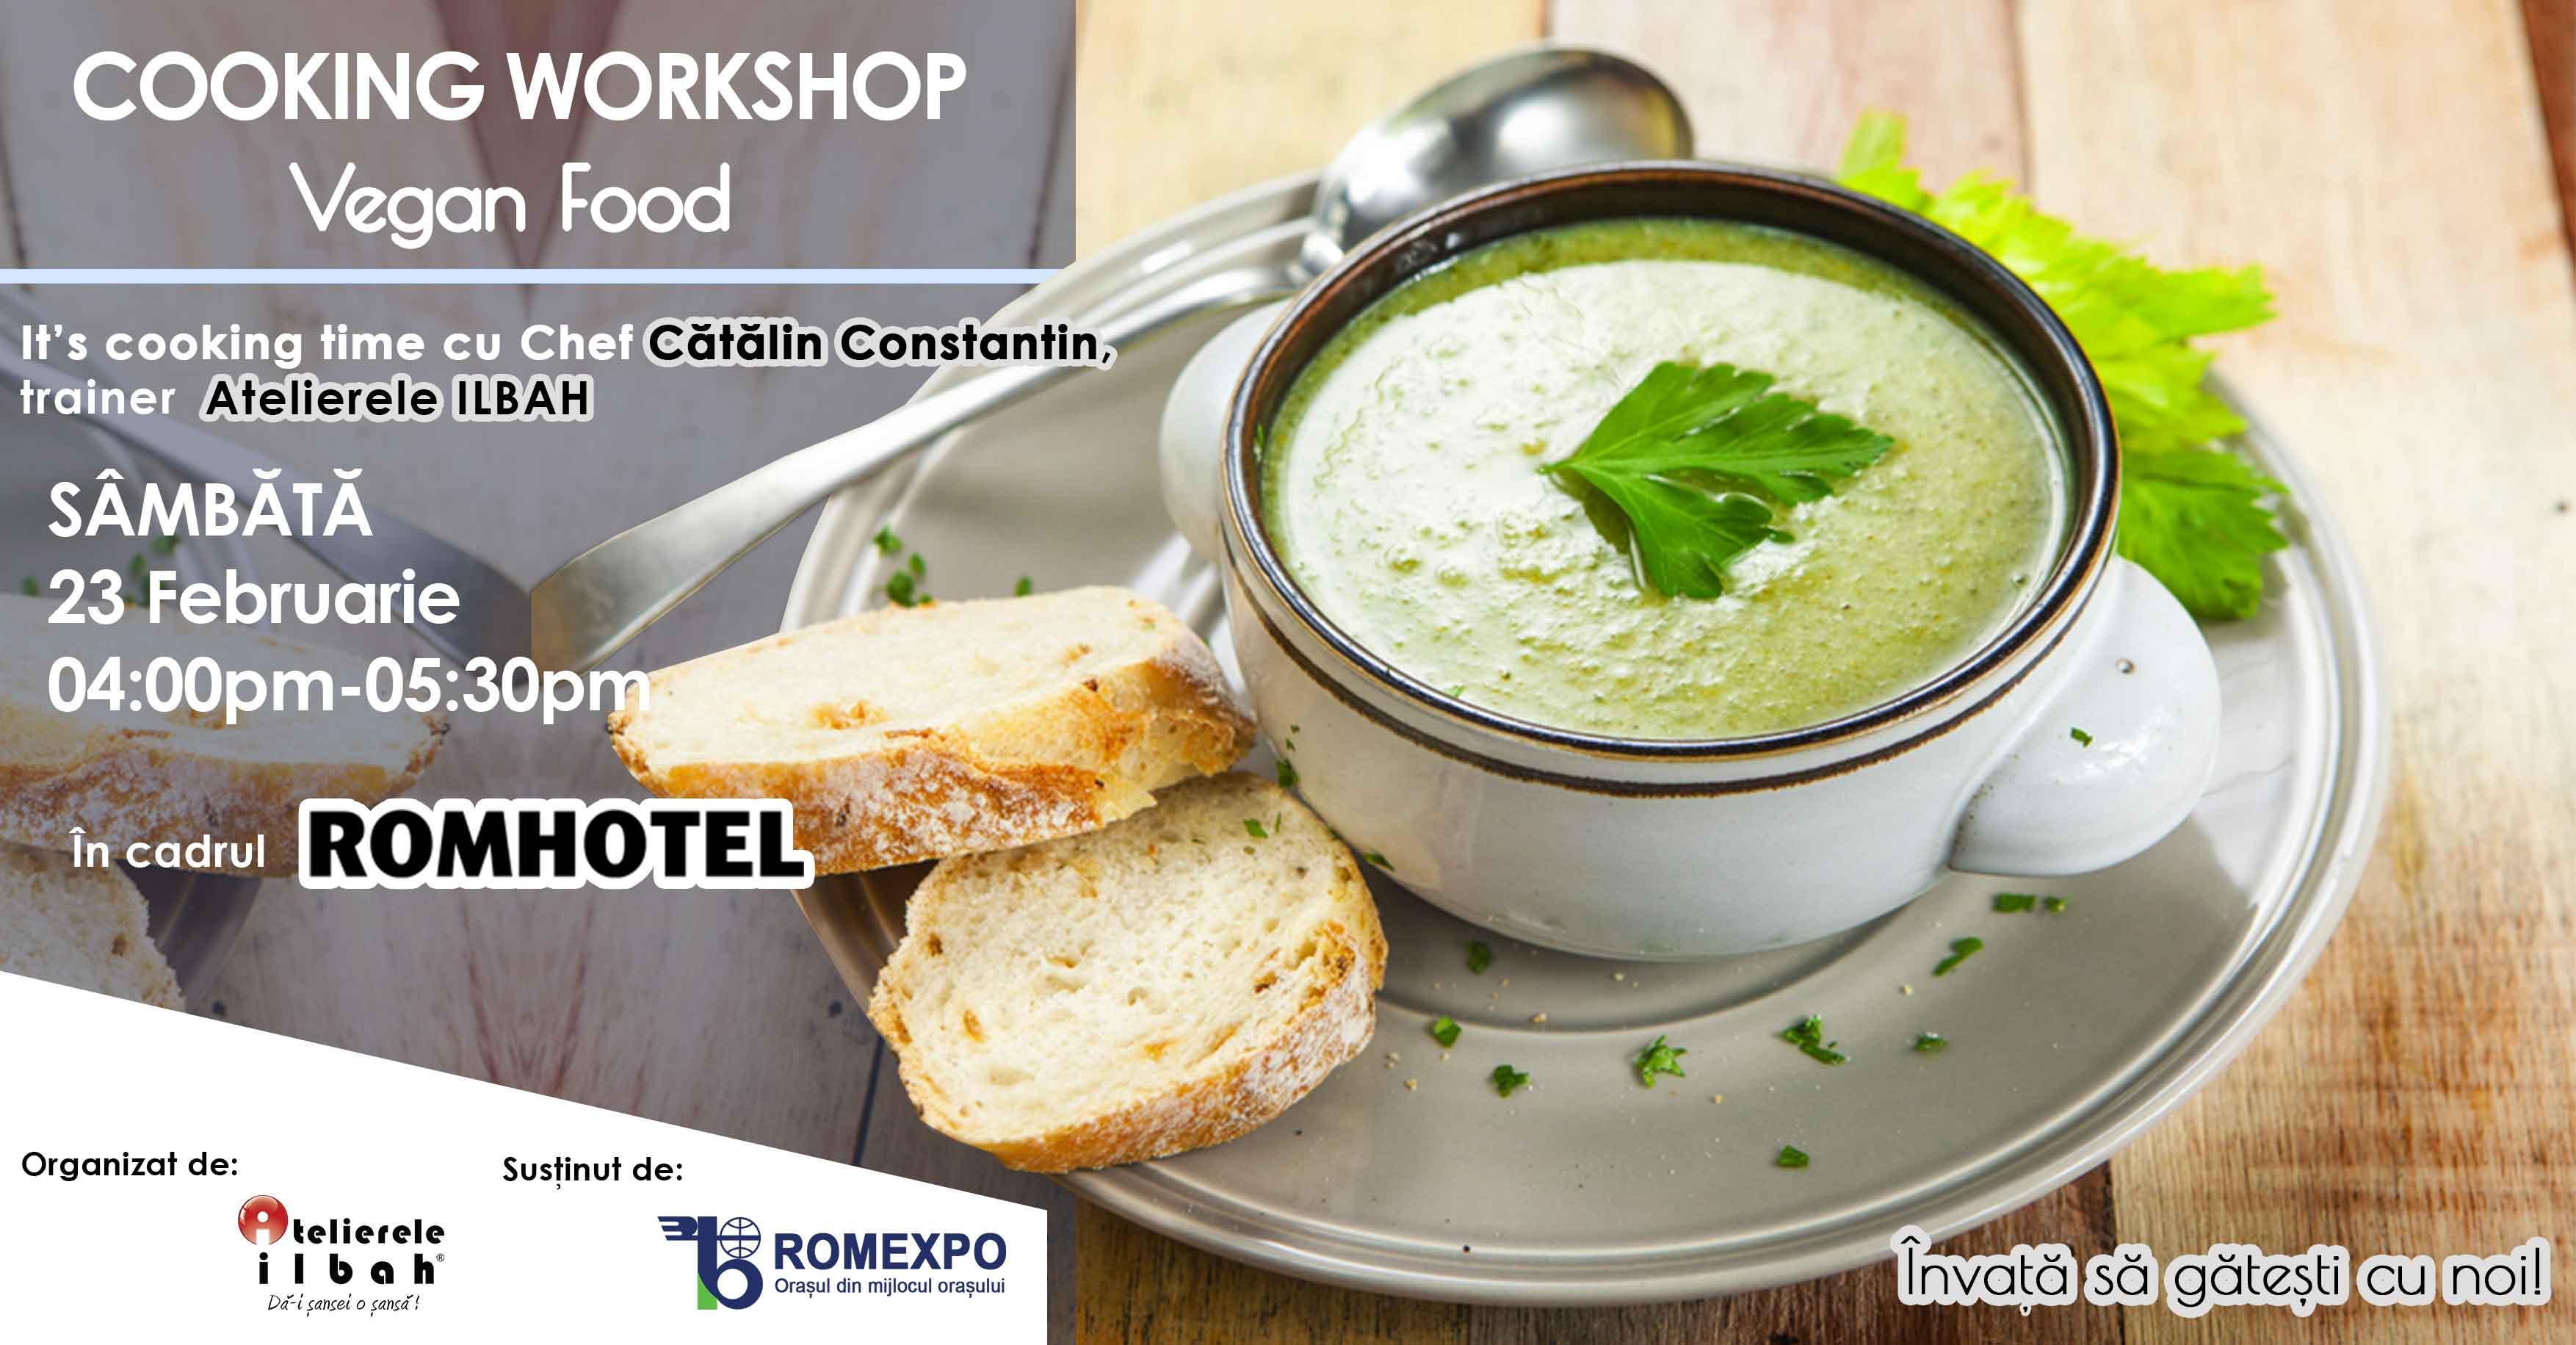 nu-rata-workshopurile-de-cooking-organizate-de-atelierele-ilbah-in-cadrul-romhotel-2019-7